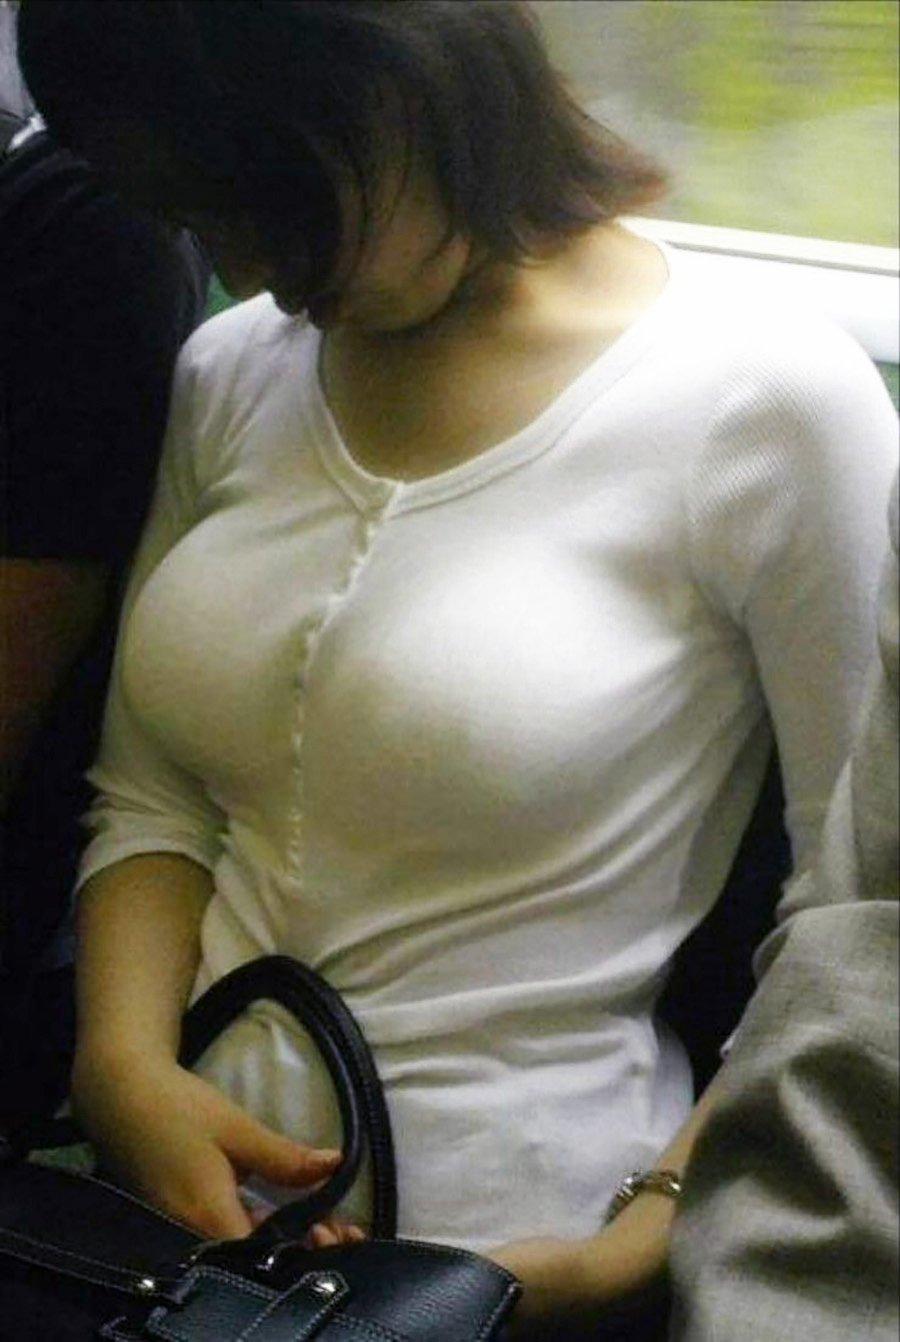 着衣巨乳で透けブラ (11)